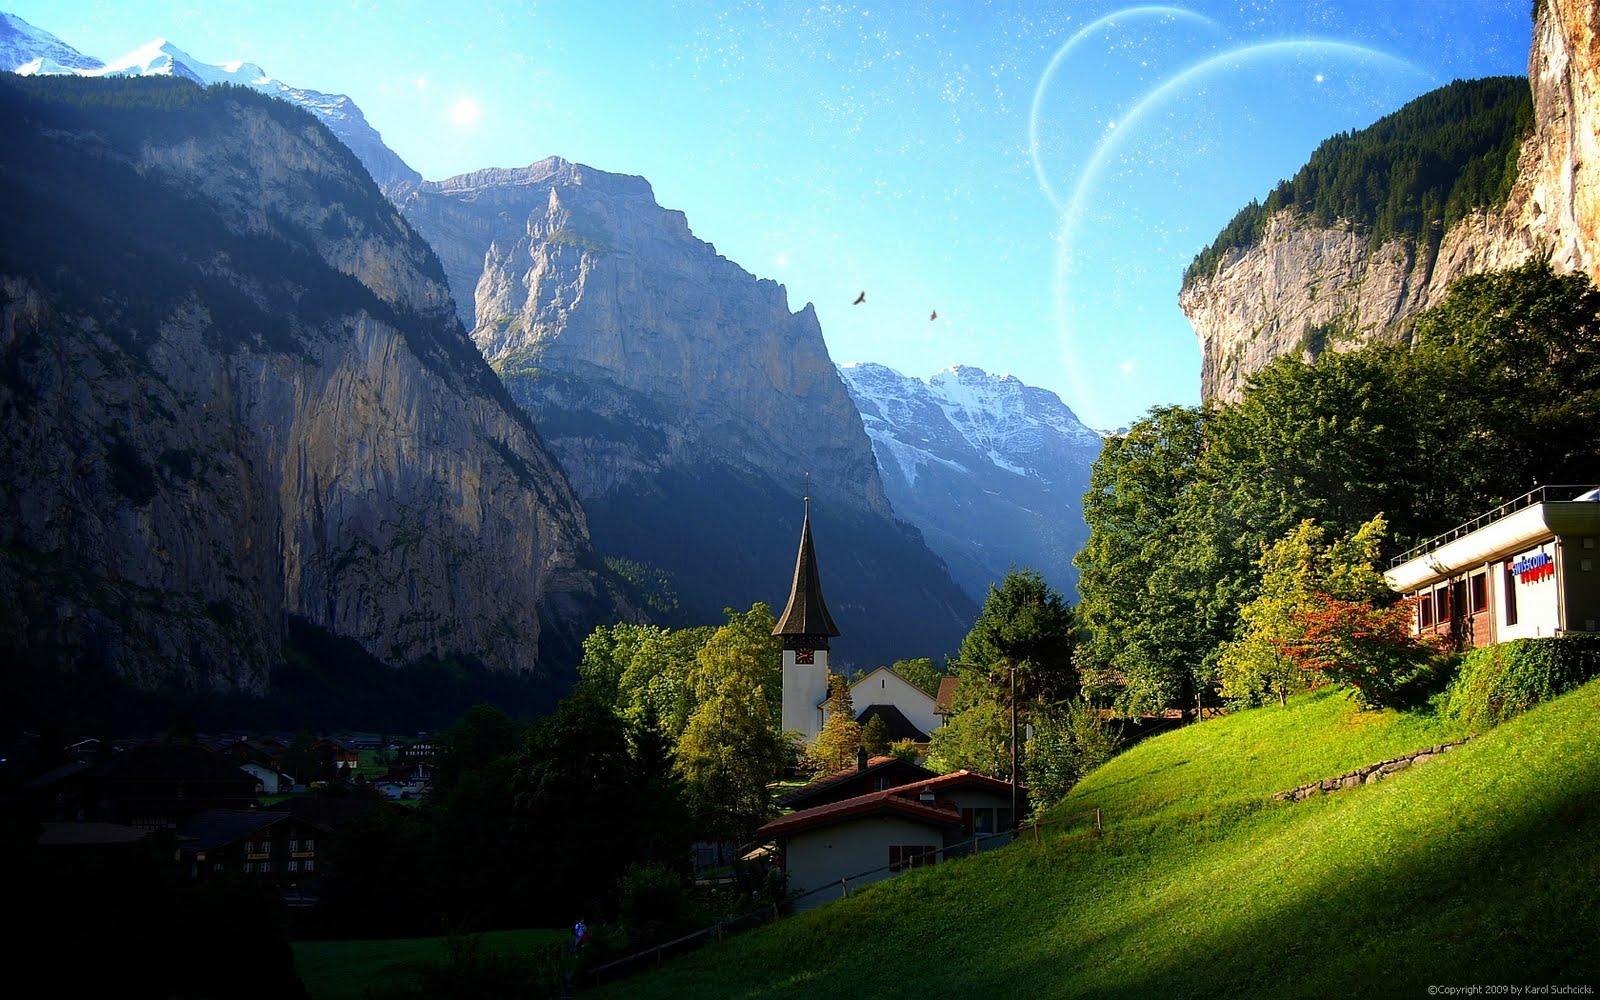 Los paisajes naturales más hermosos alrededor del mundo